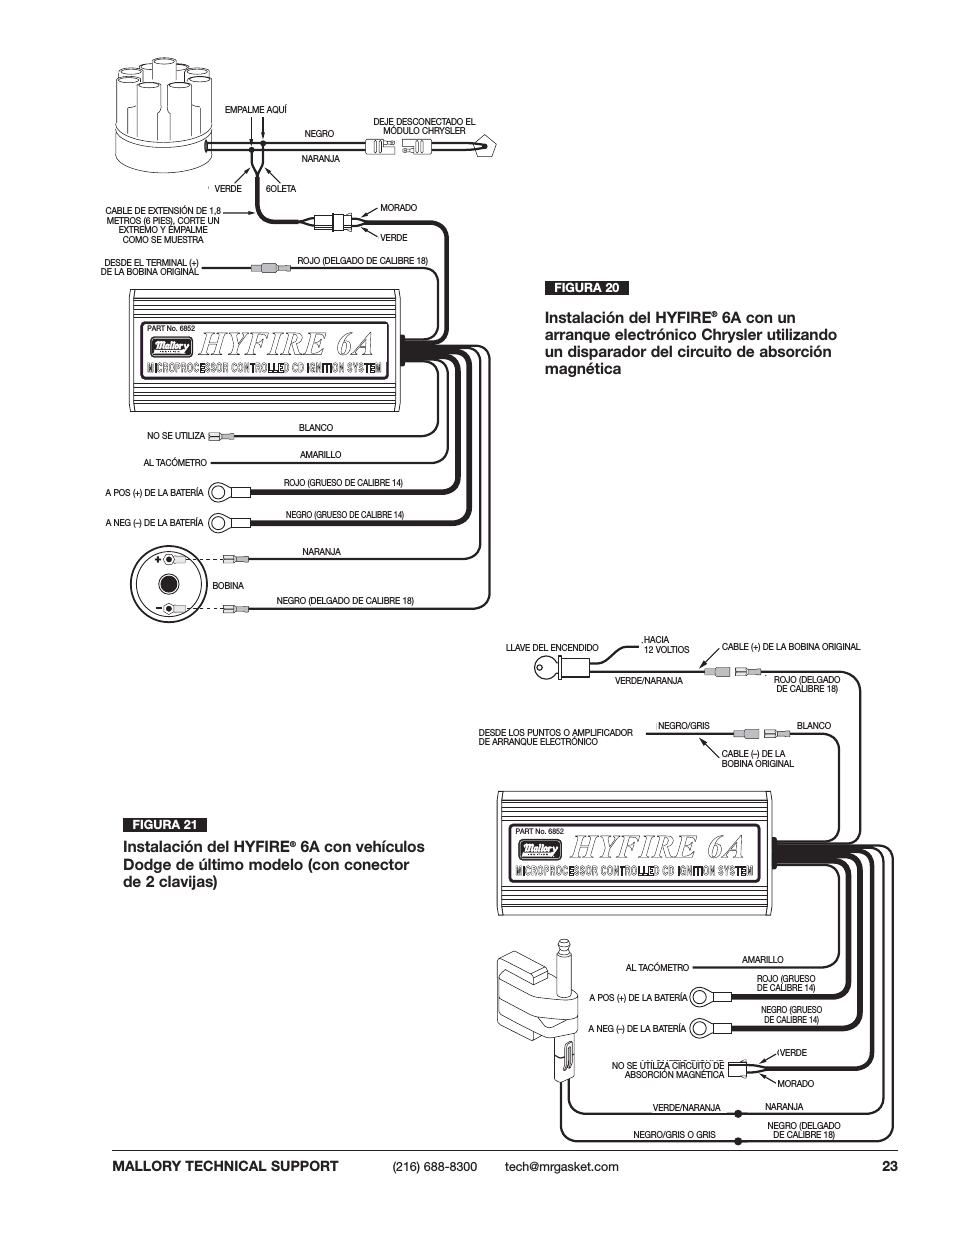 mallory promaster coil wiring diagram unique mallory ignition wiring diagram